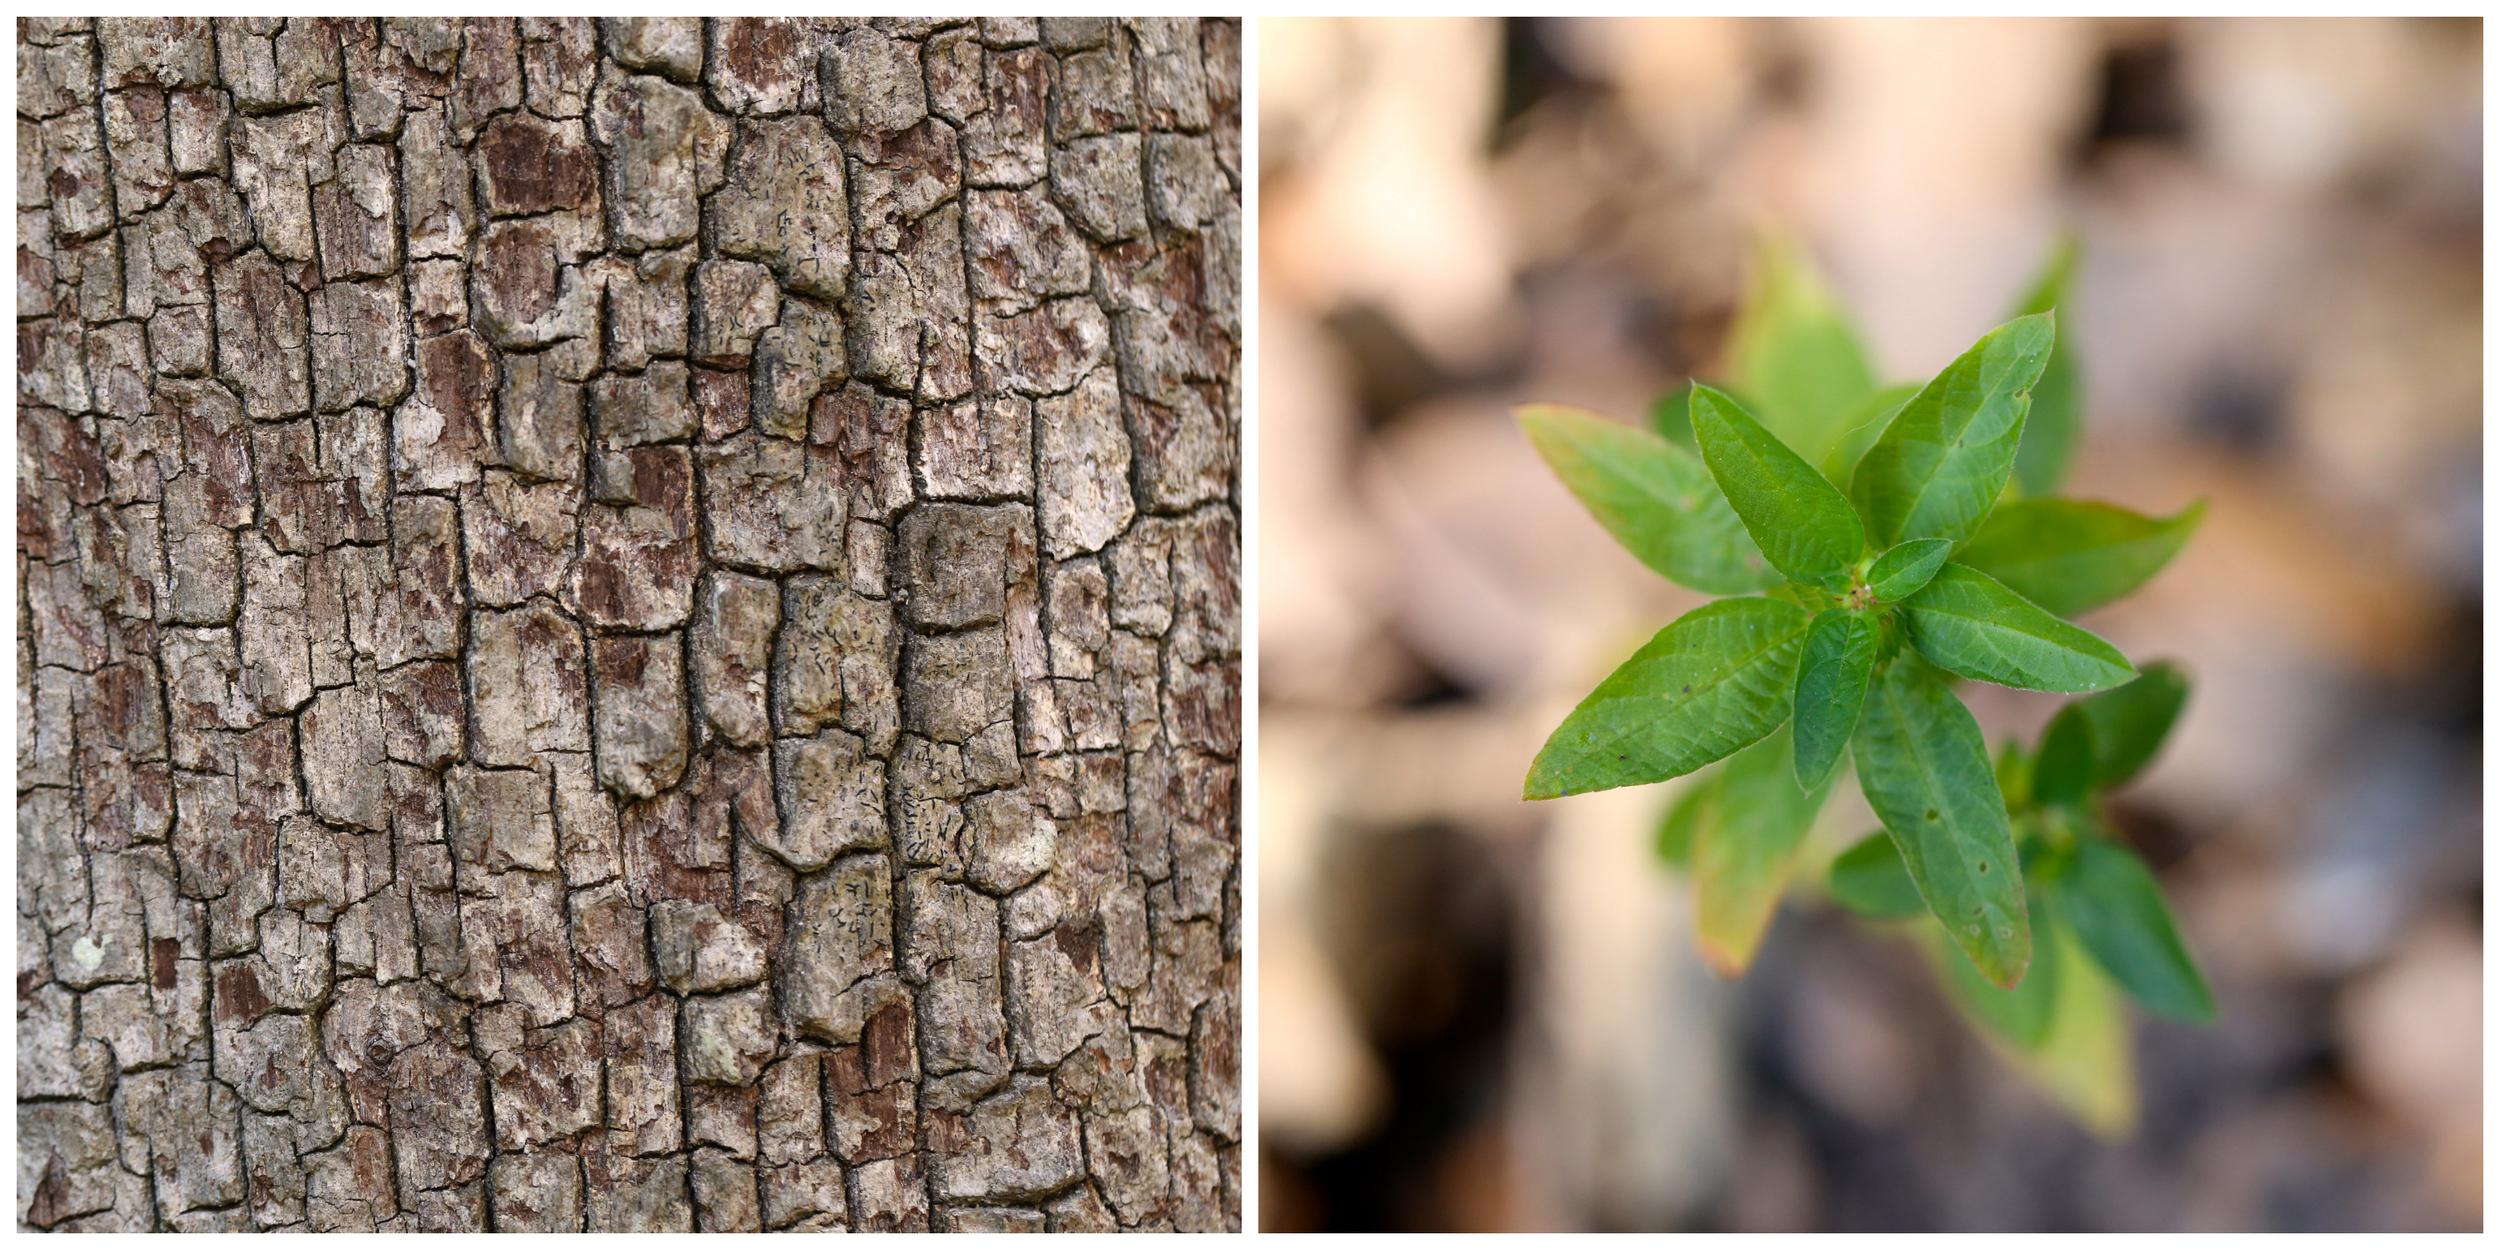 tree bark and macro plant